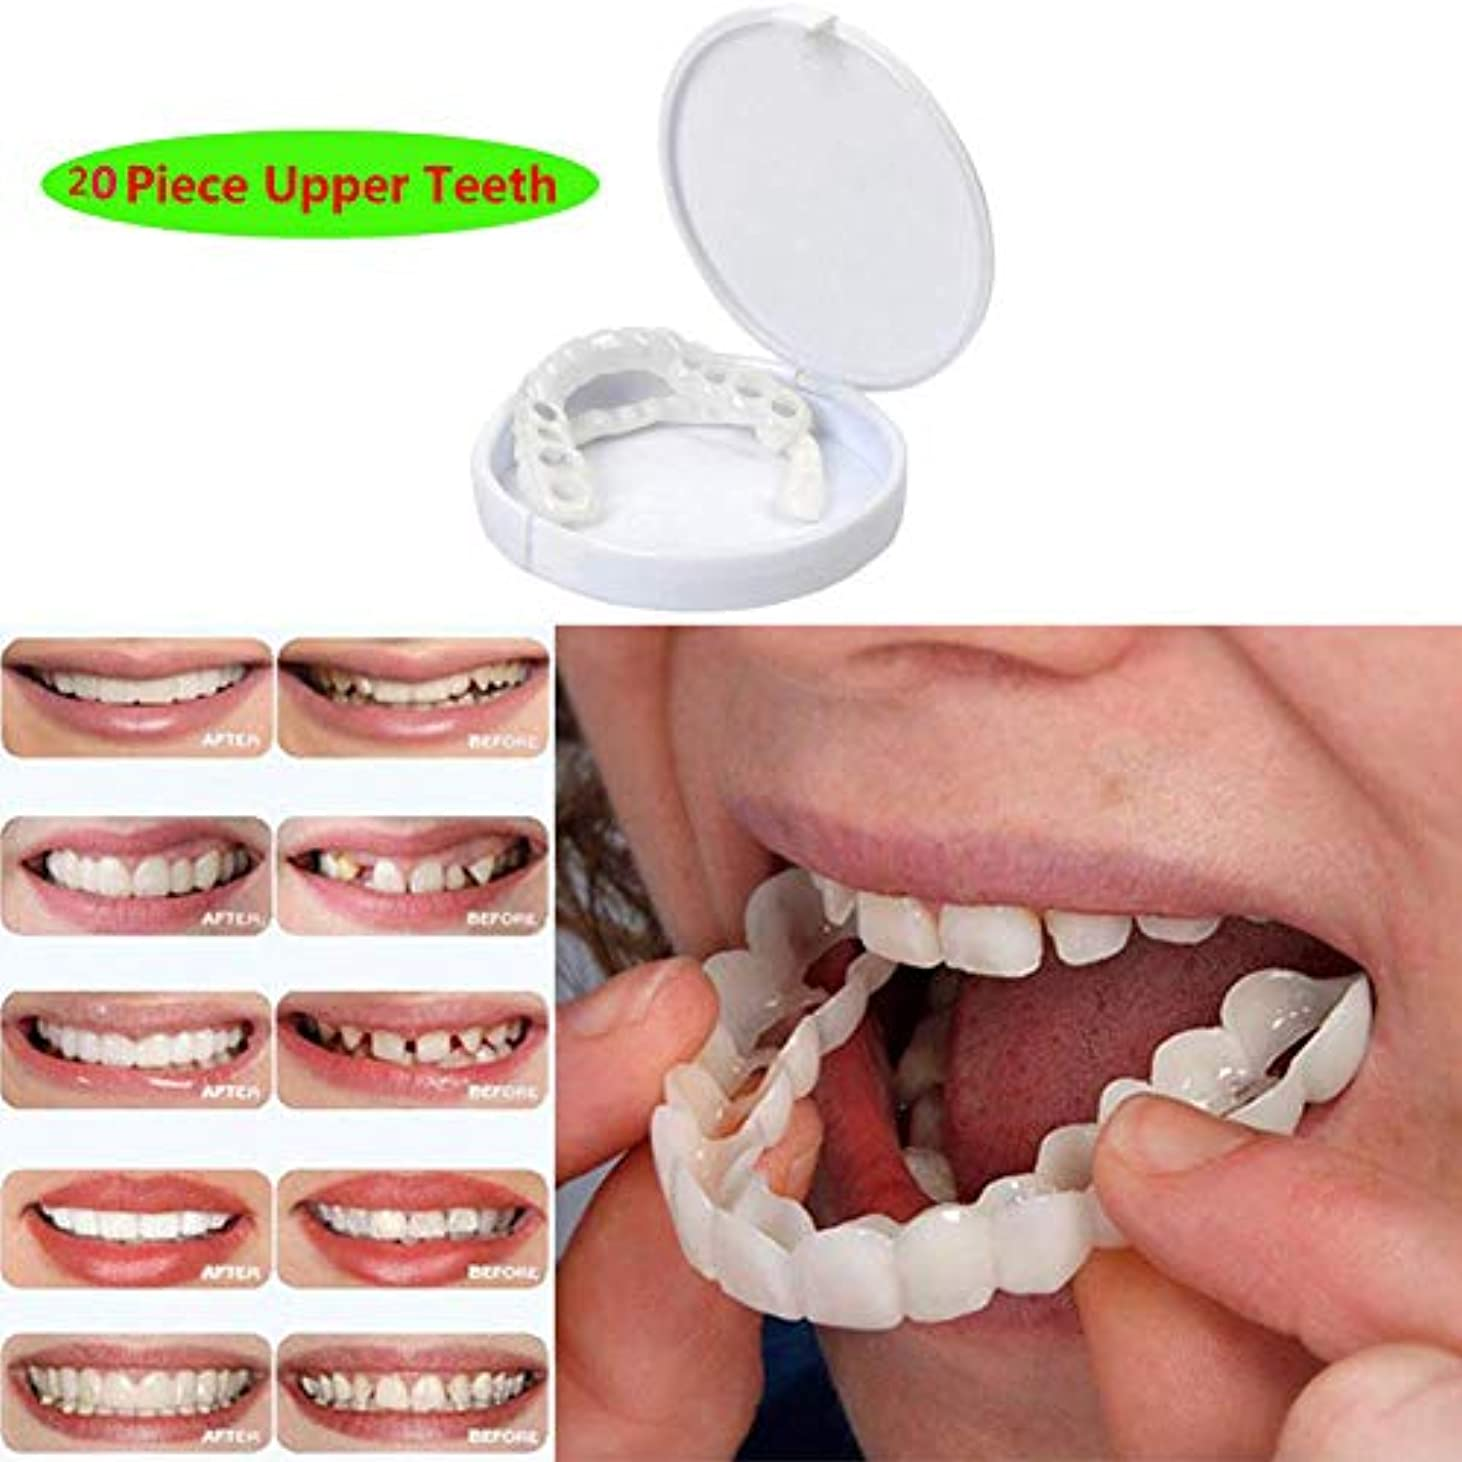 一貫性のない拒否感謝祭20Pcs一時的な化粧品の歯の義歯の化粧品は白くなることを模倣した上括弧を模倣しました